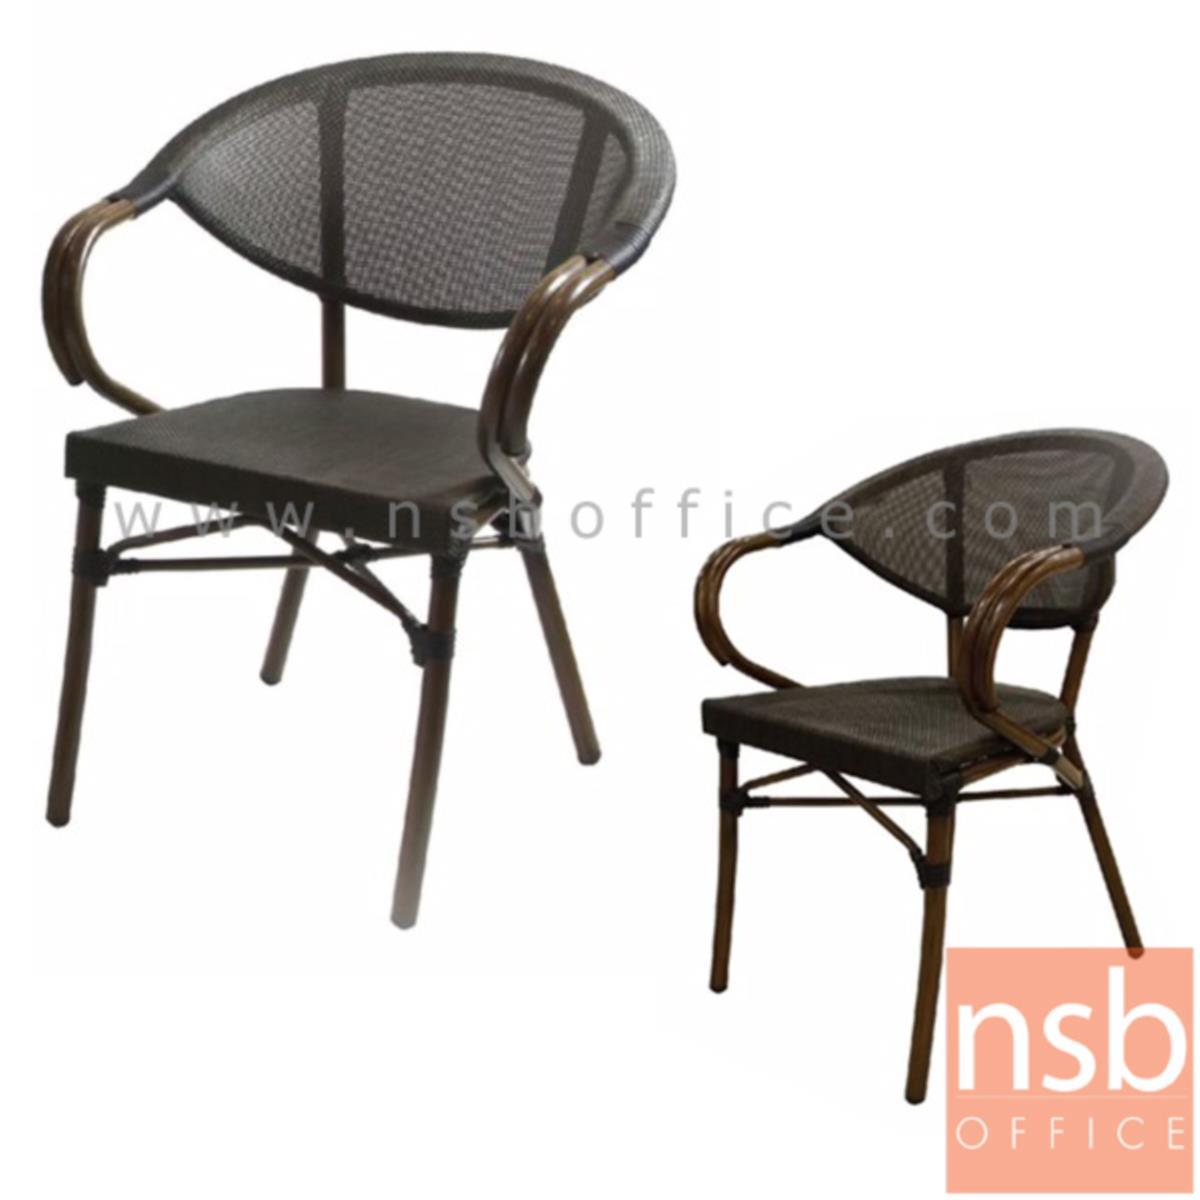 G08A293:เก้าอี้หวายเทียม รุ่น Jonathan